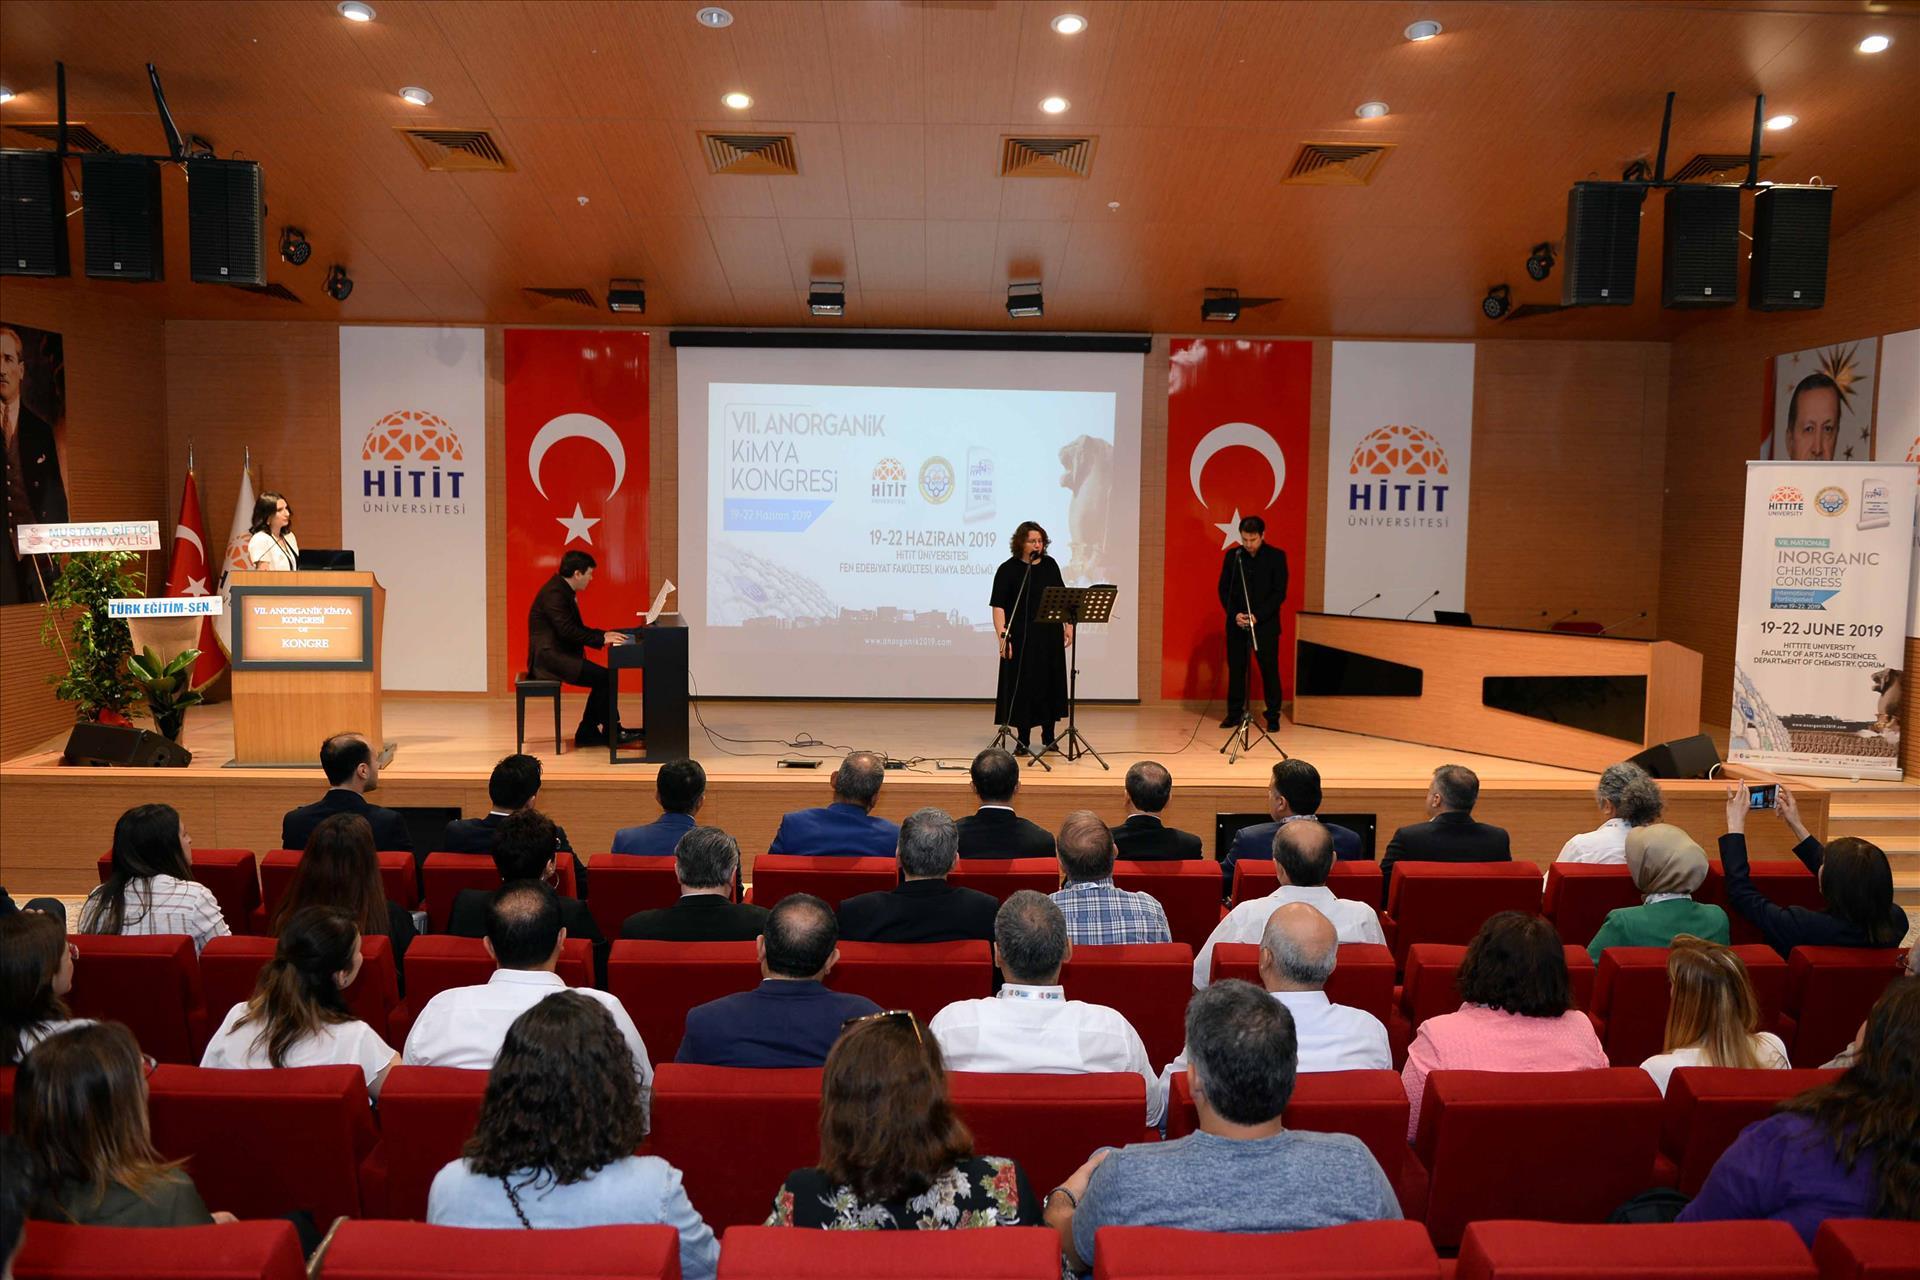 VII. Anorganik Kimya Kongresi Hitit Üniversitesi'nde Gerçekleşti